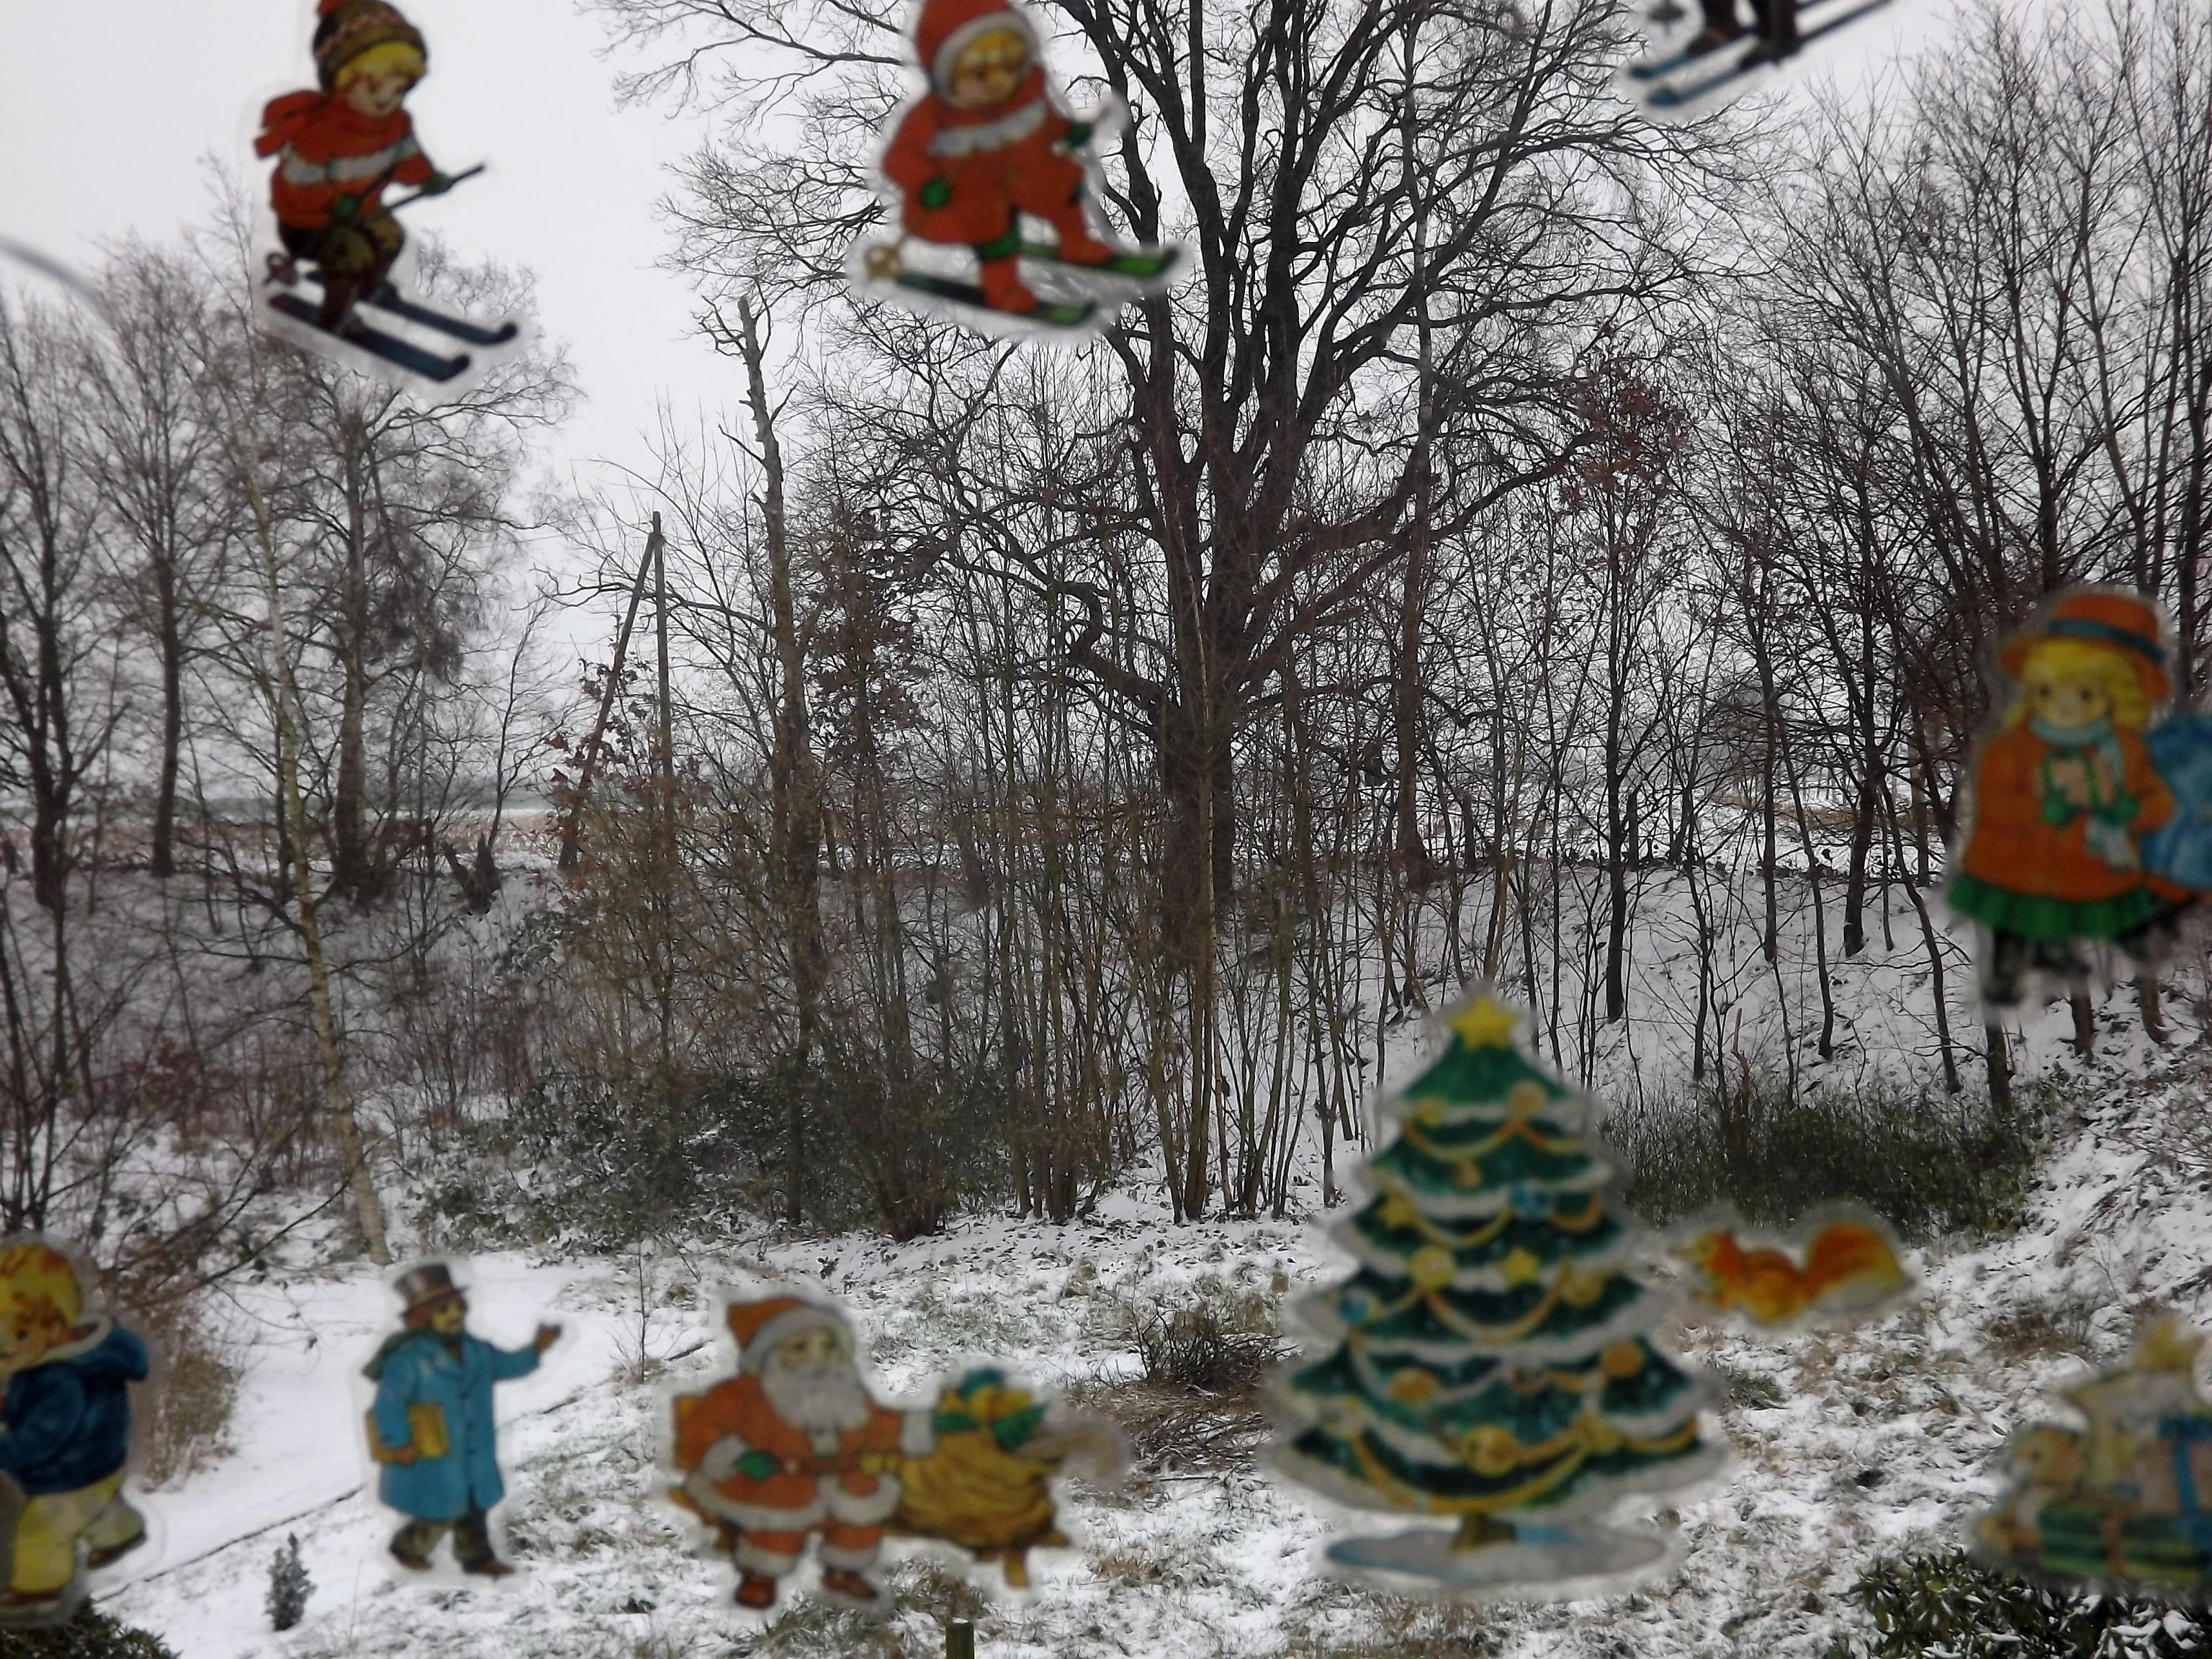 4601-winterbilder-fensterbilder-schnee